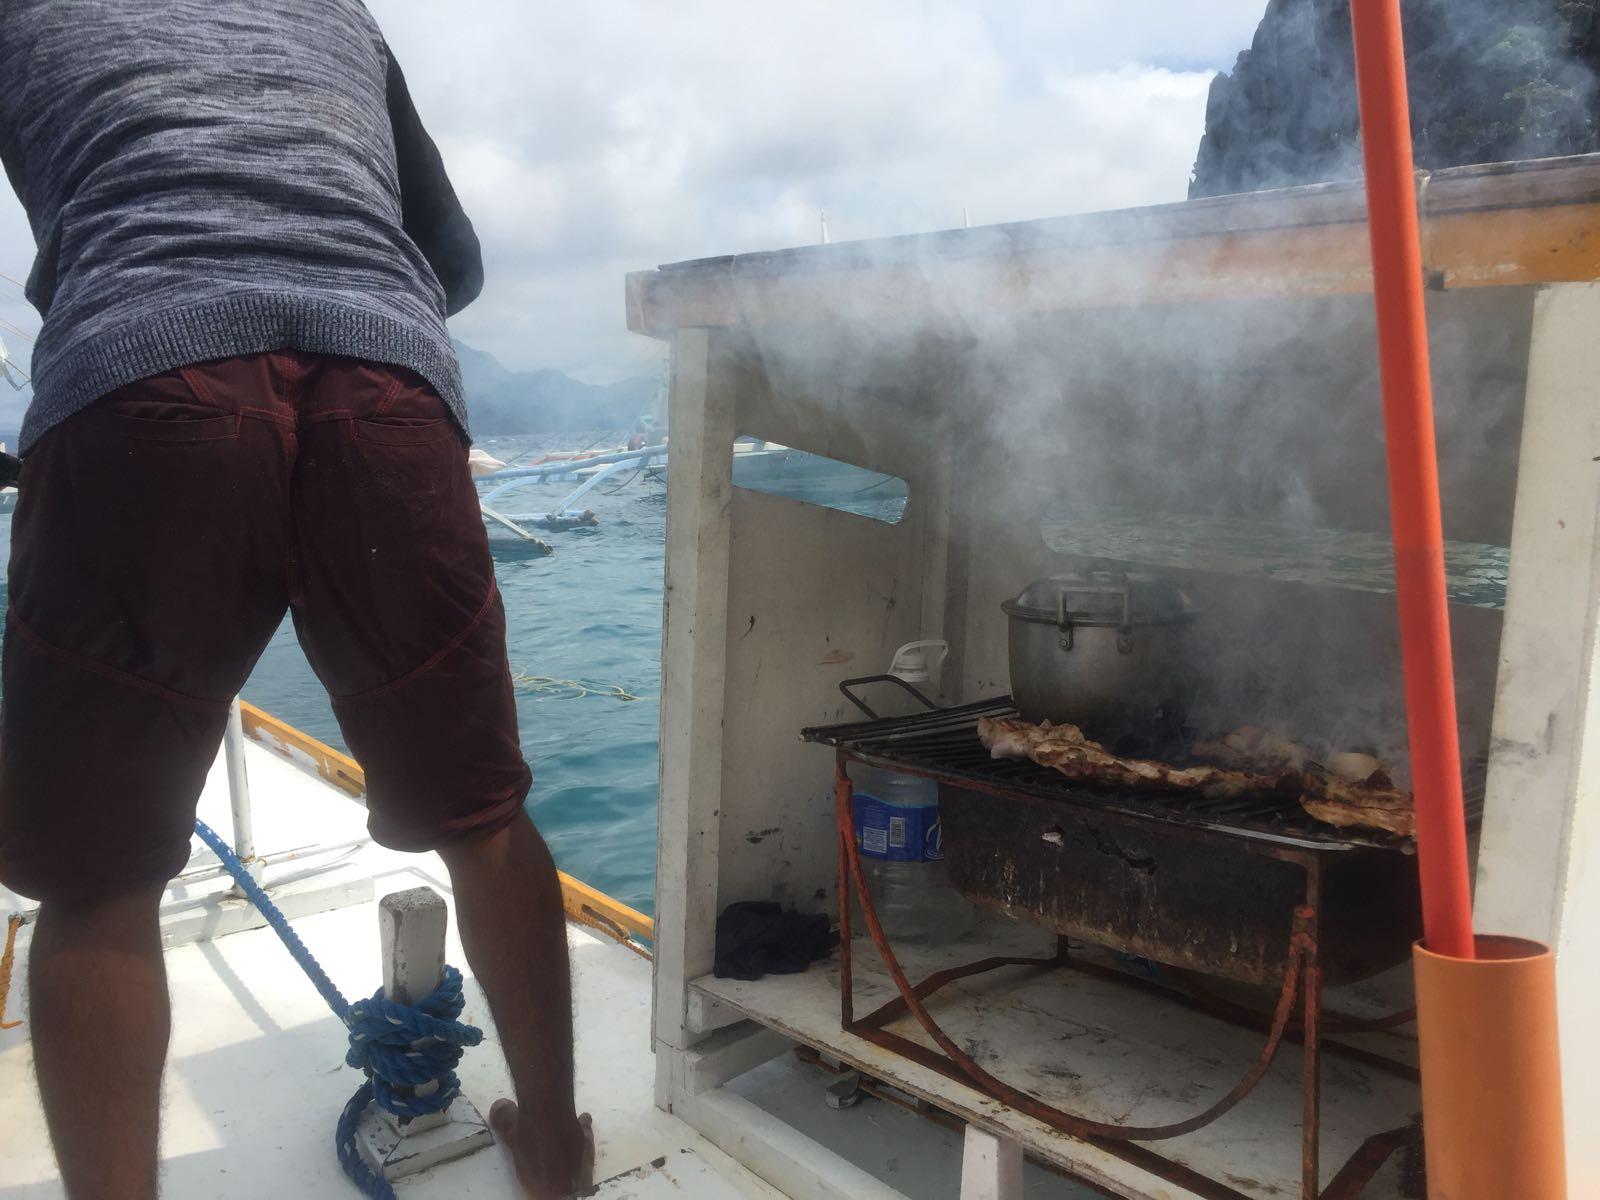 Das Mittagessen wird auf dem Boot gekocht.